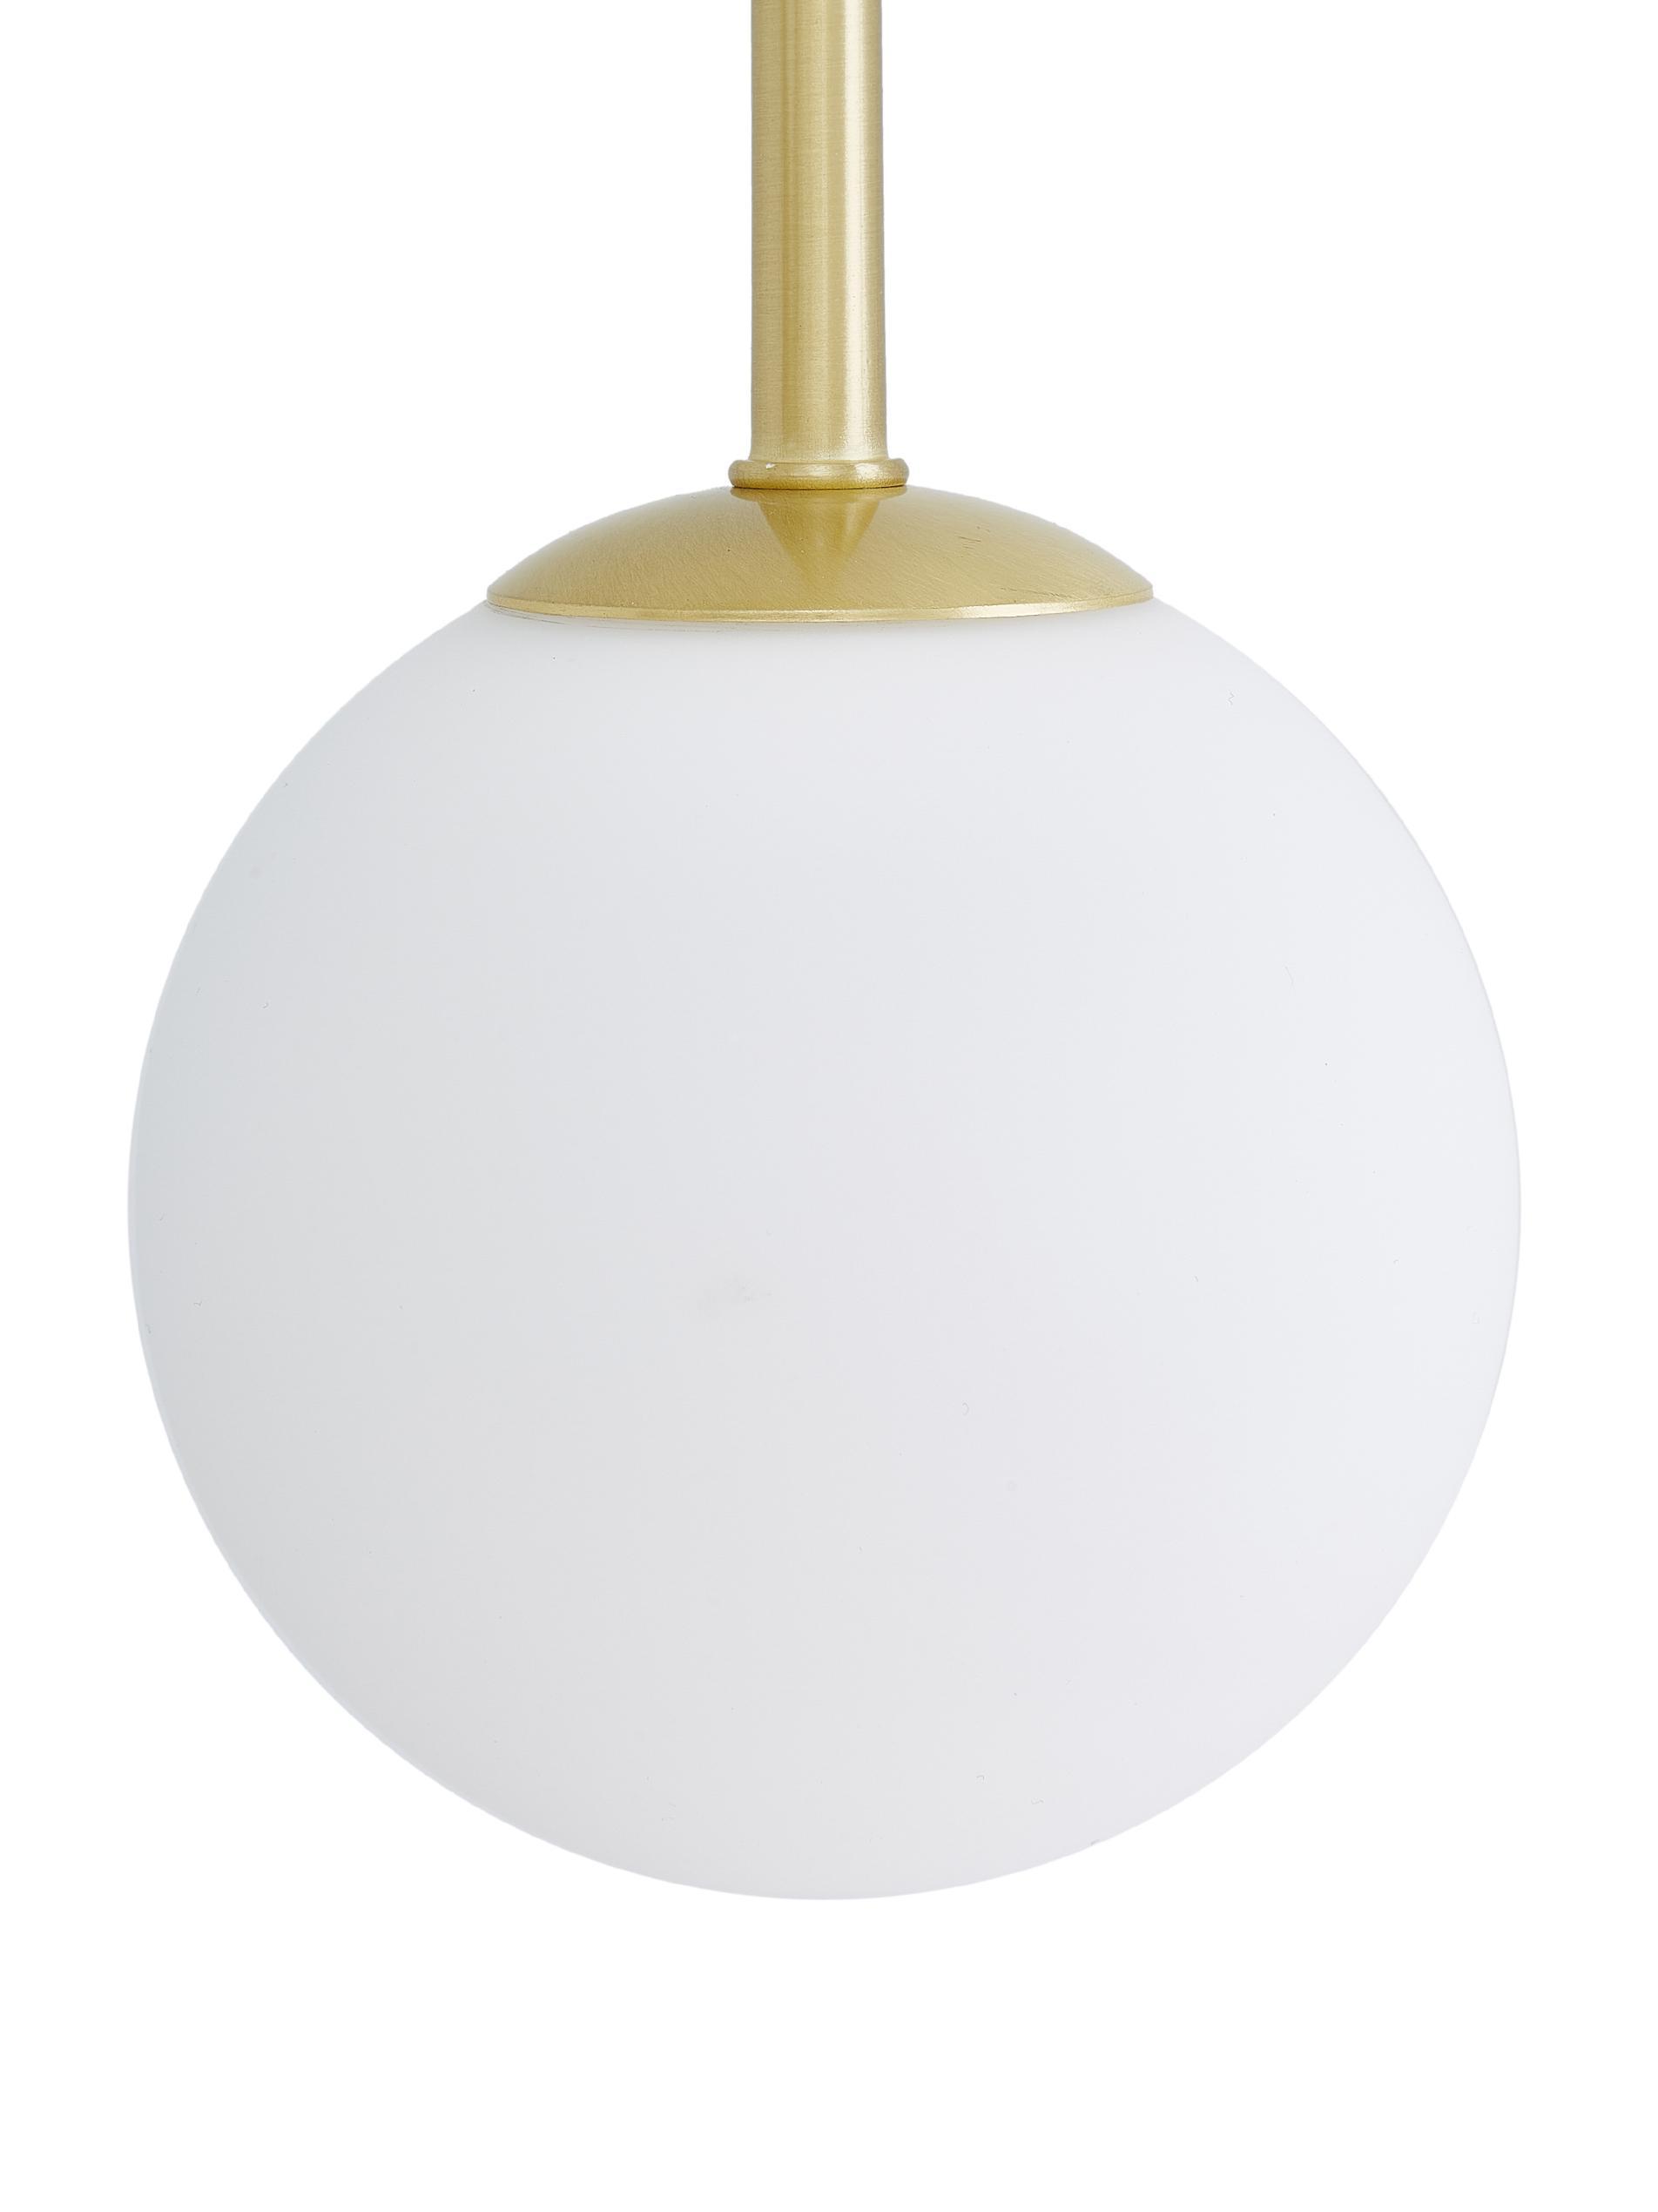 Lampada a sospensione Moon, Paralume: vetro, Baldacchino e rilegatura: ottone spazzolato paralume: bianco cavo: nero, Larg. 112 x Prof. 10 cm